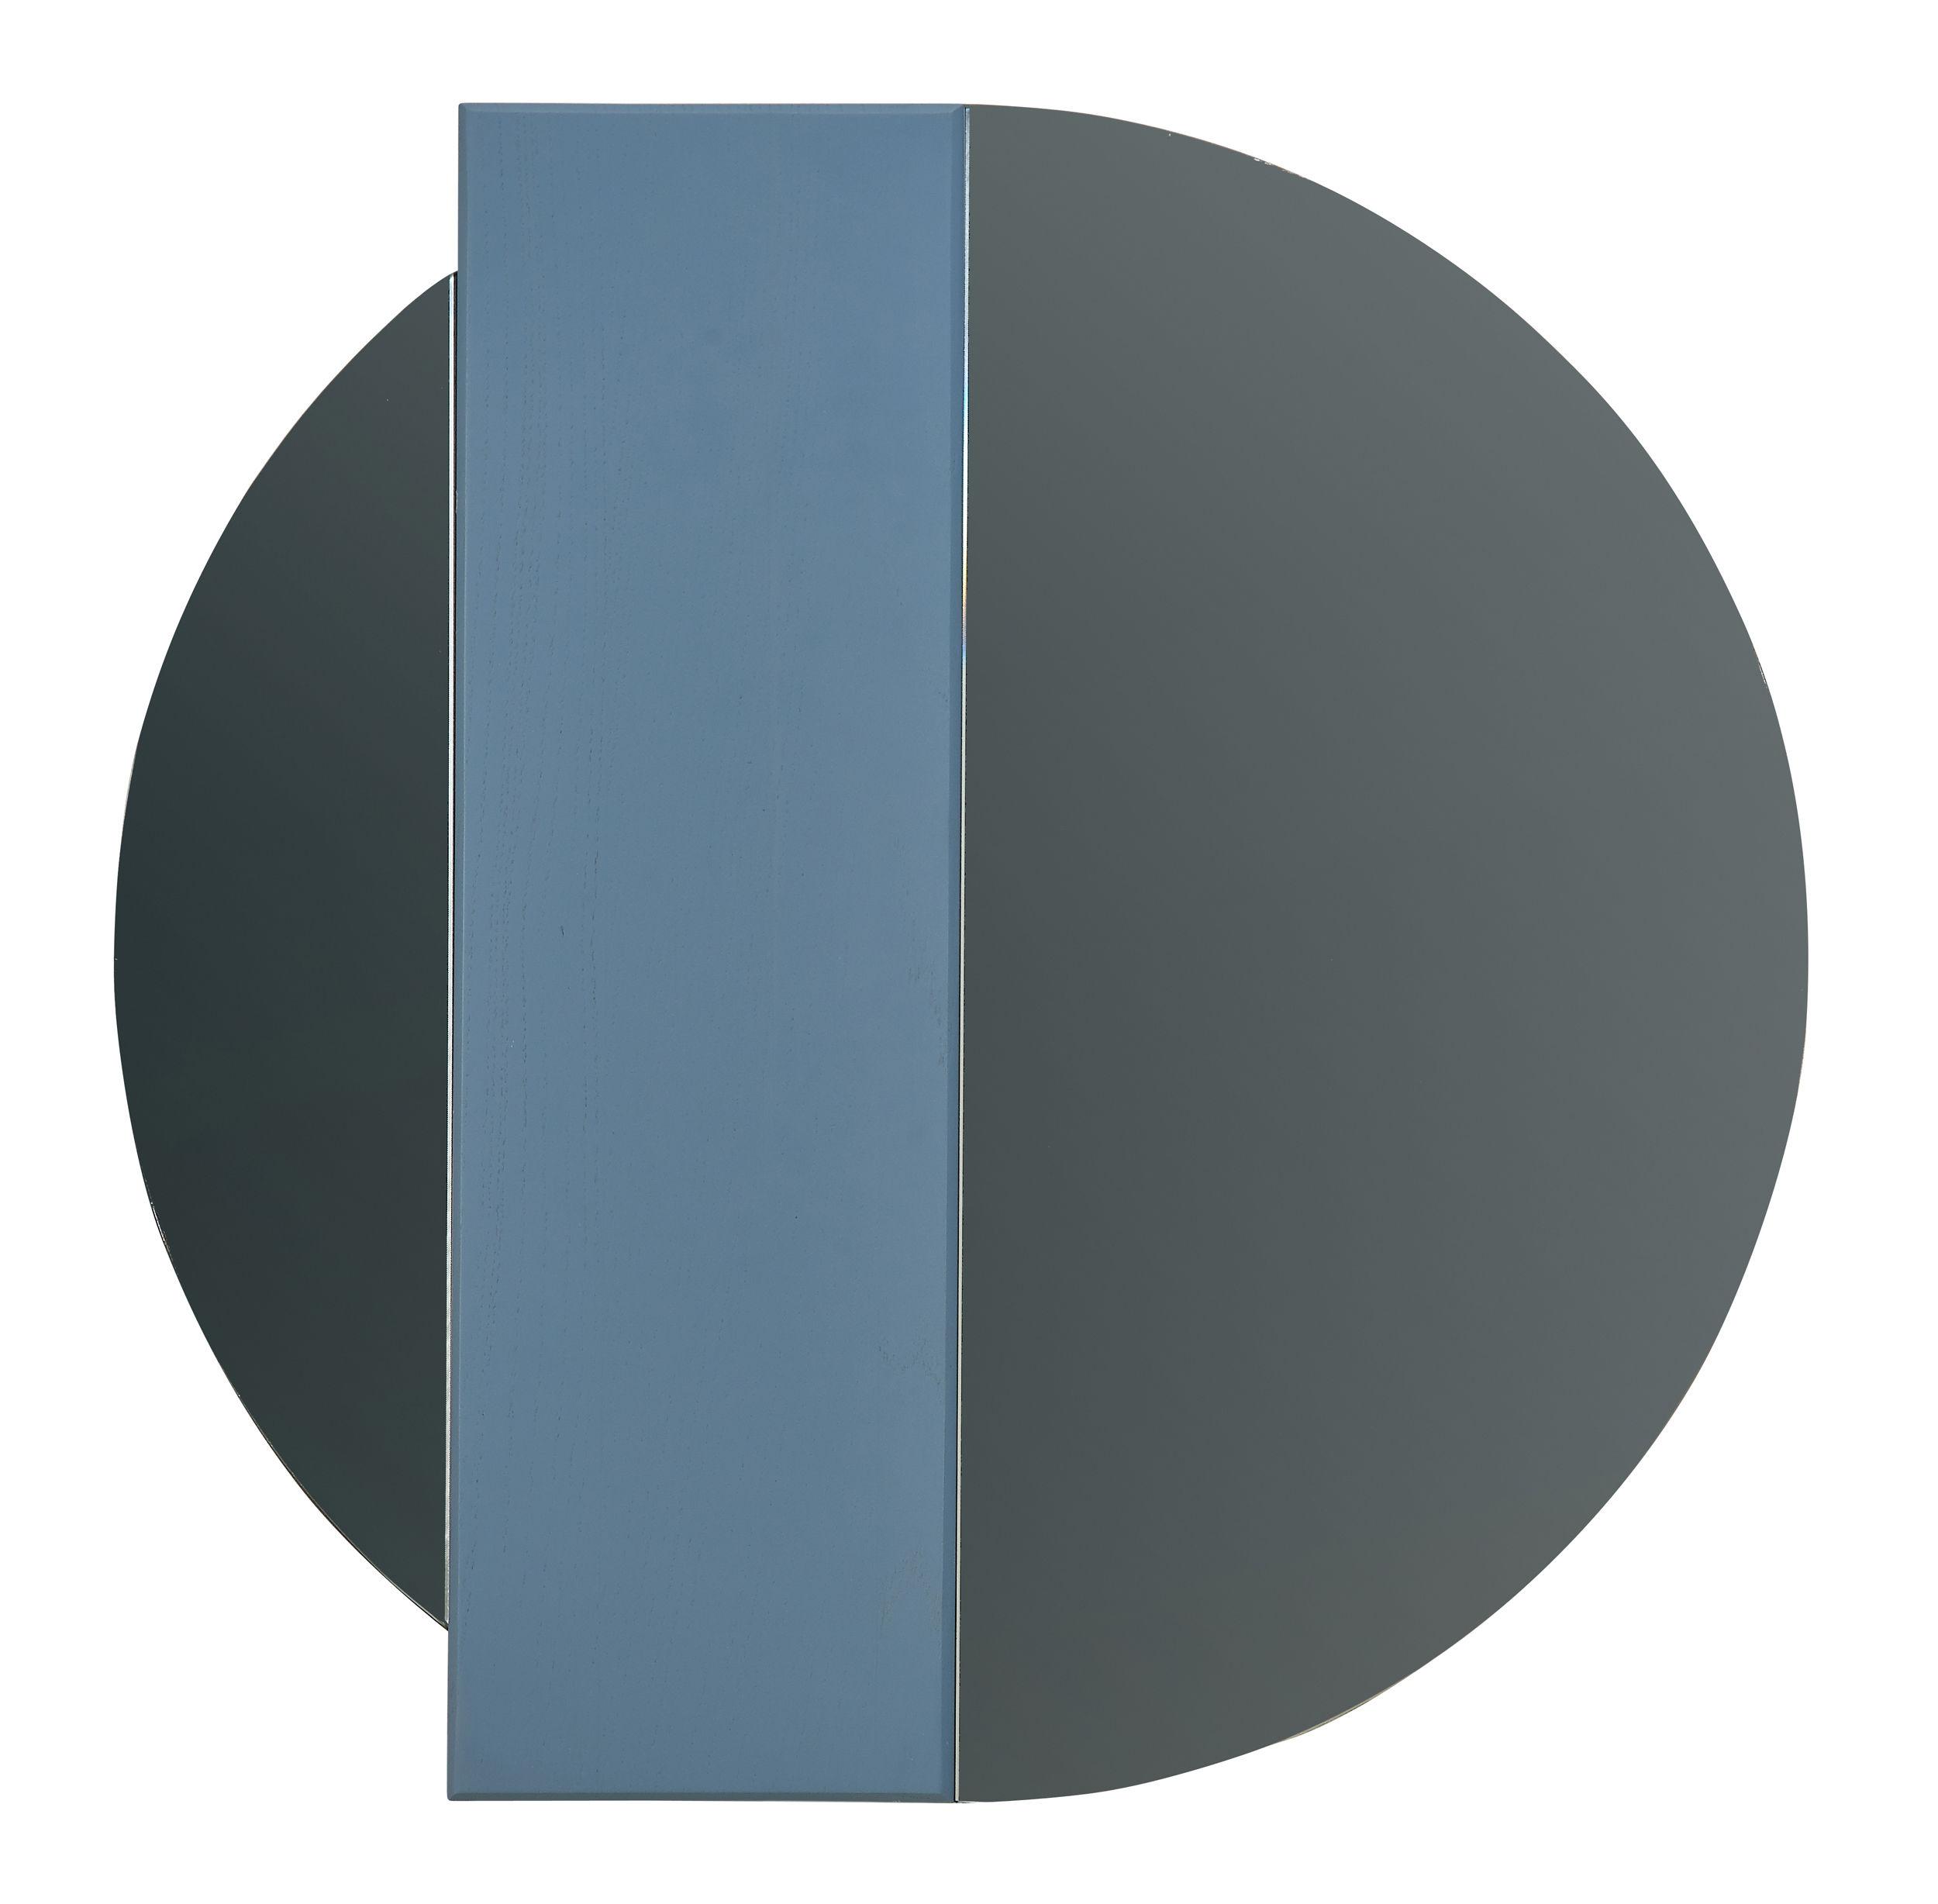 Déco - Miroirs - Miroir mural Charlotte / Bande en bois aimantée -  Ø 60 cm - Hartô - Miroir gris / Bande bleue - Chêne peint, Verre teinté